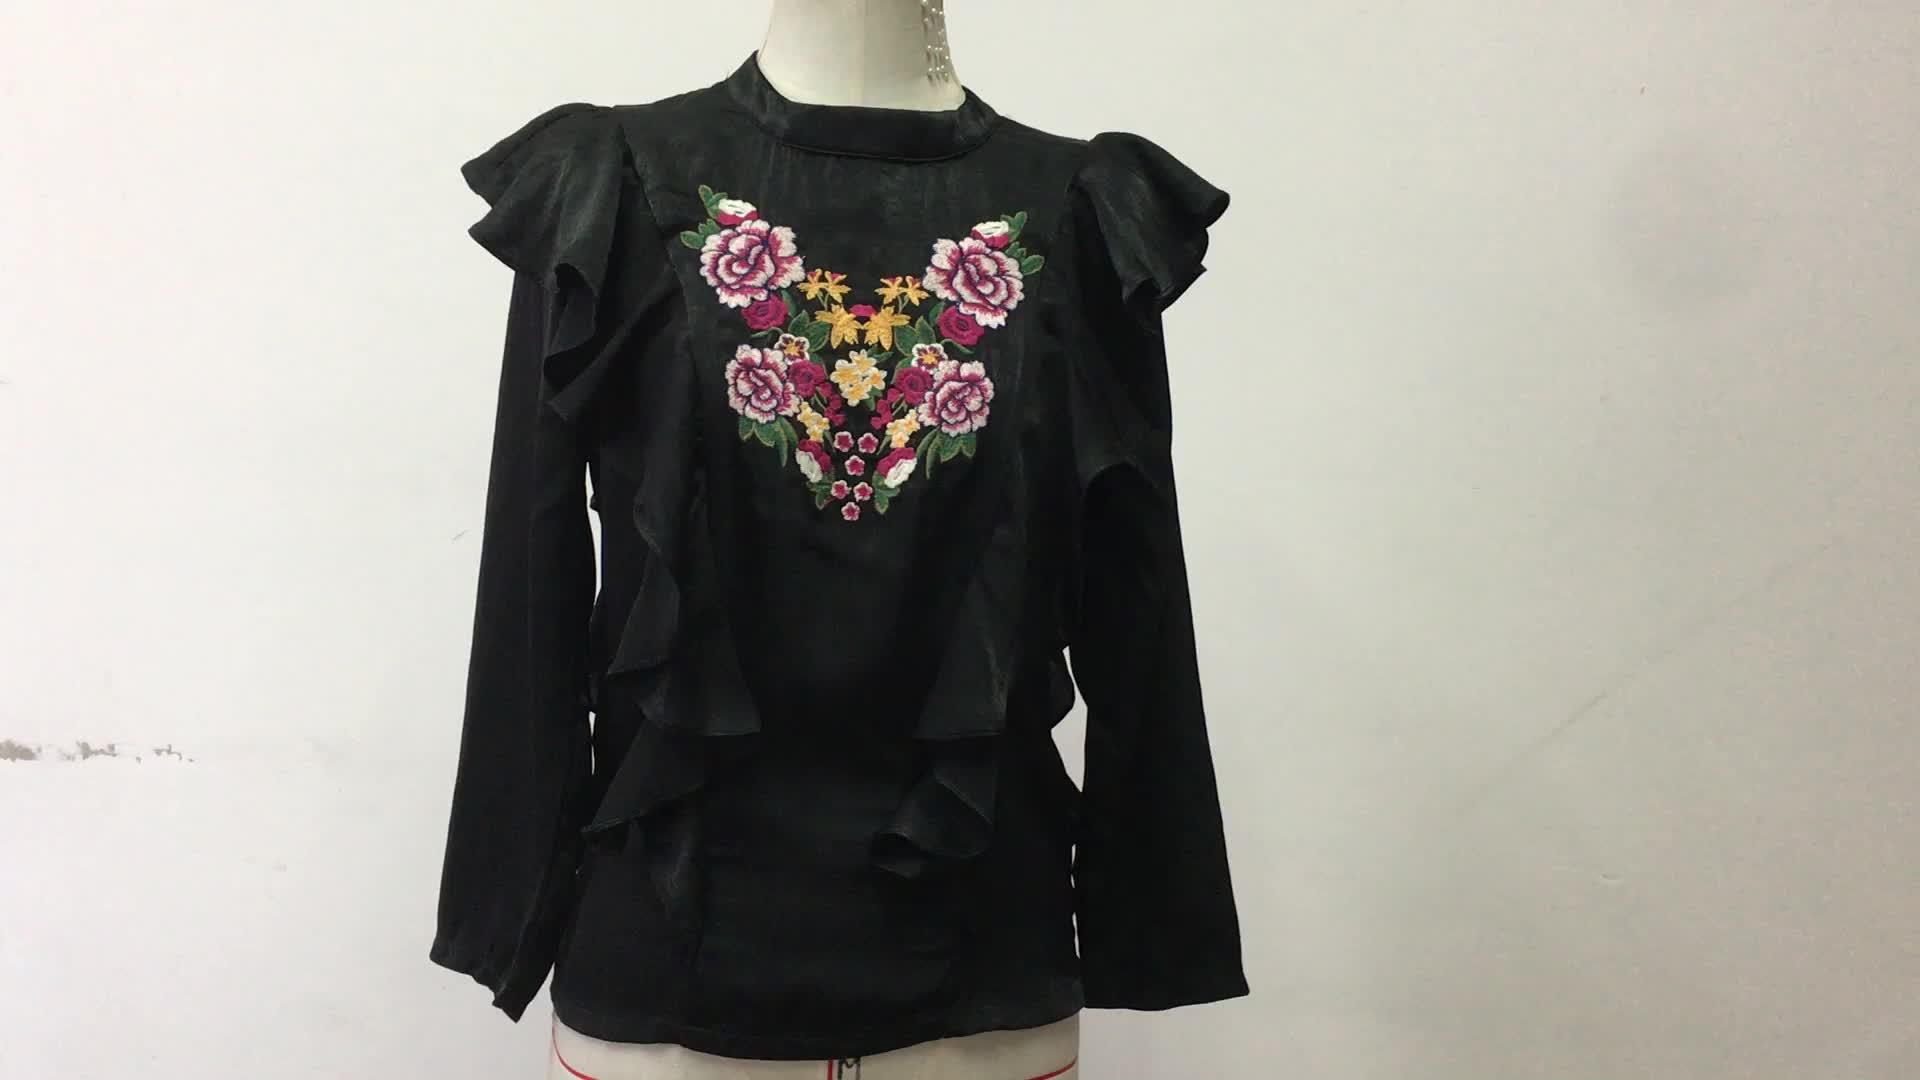 เสื้อผ้าผู้หญิง 2018 ผู้หญิงฤดูใบไม้ร่วงเสื้อปักเสื้อผู้หญิง